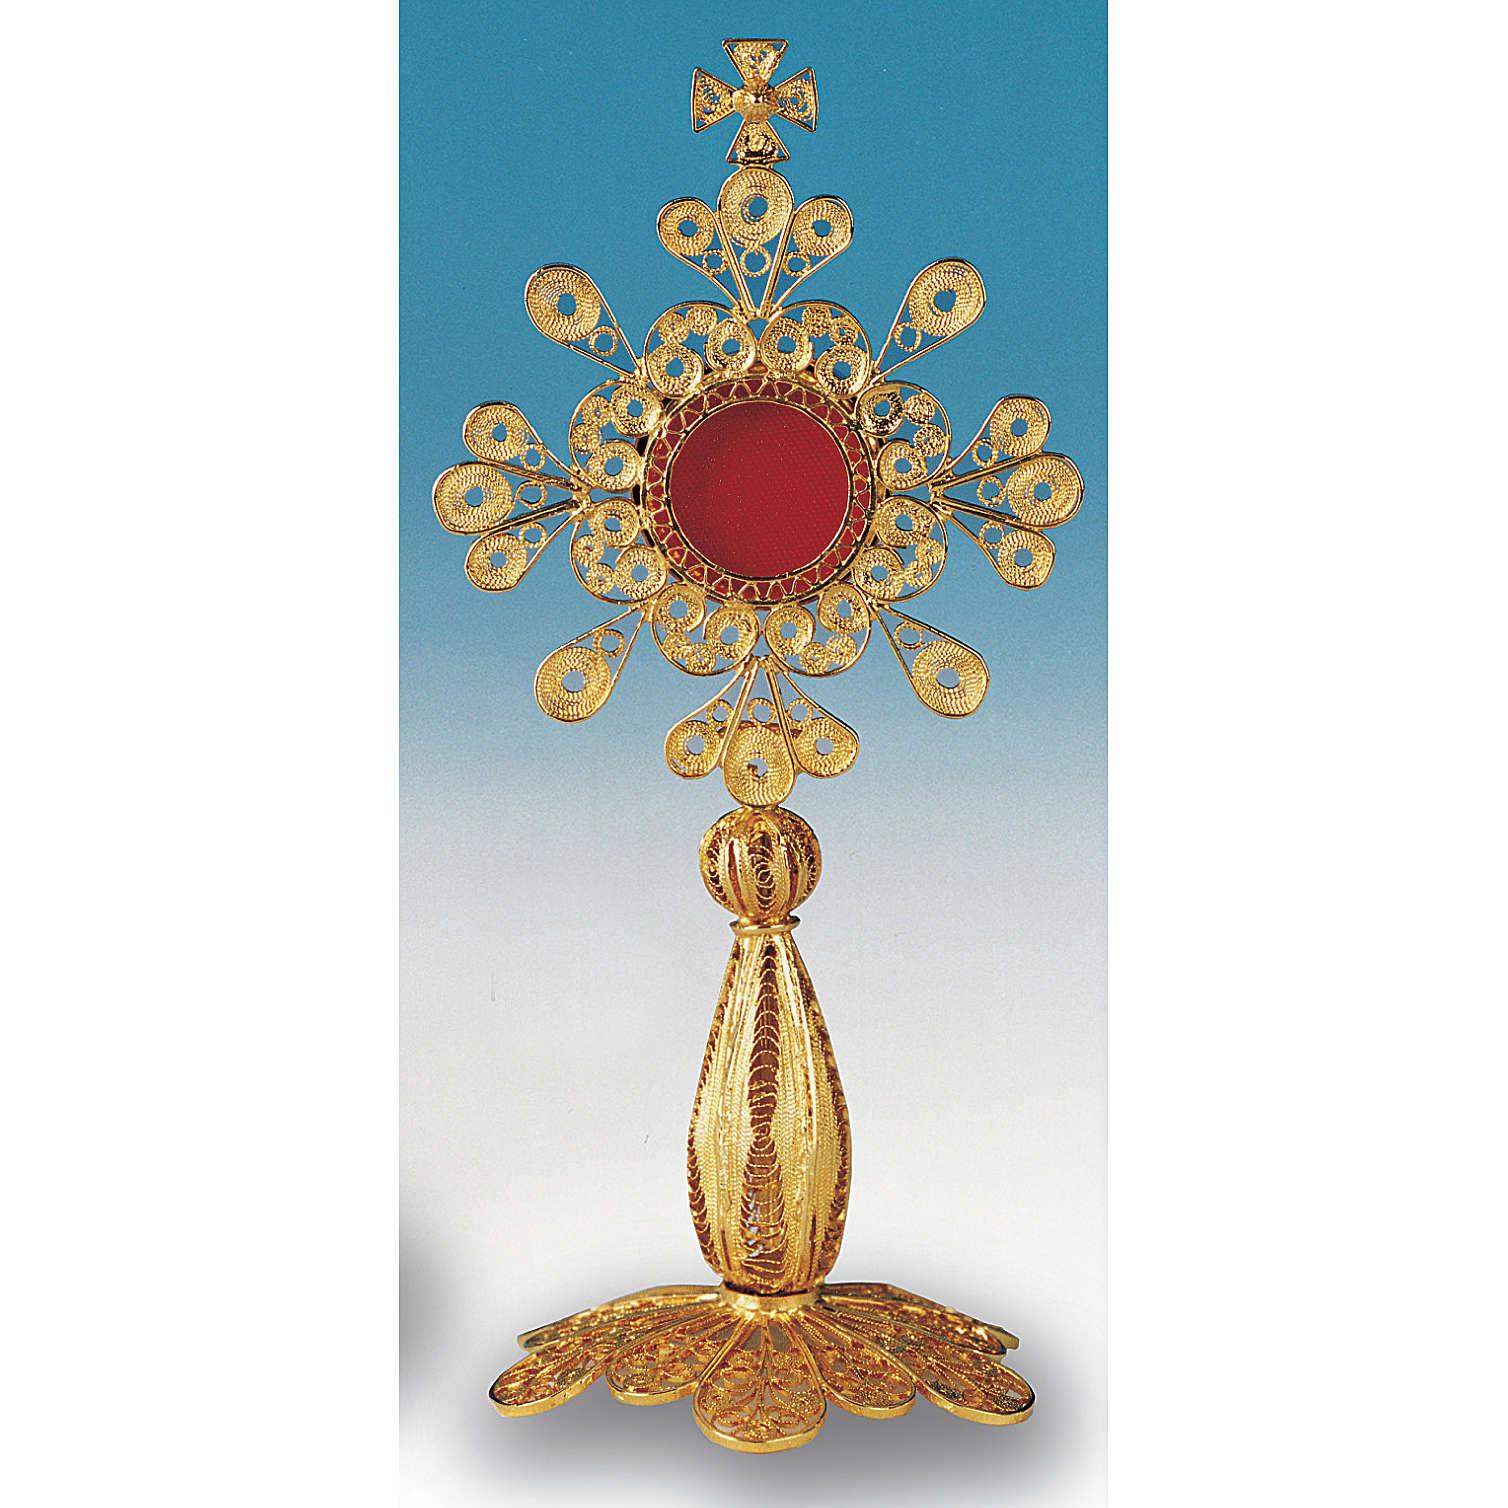 Reliquiario argento 800 dorato filigrana altezza 12 cm 4